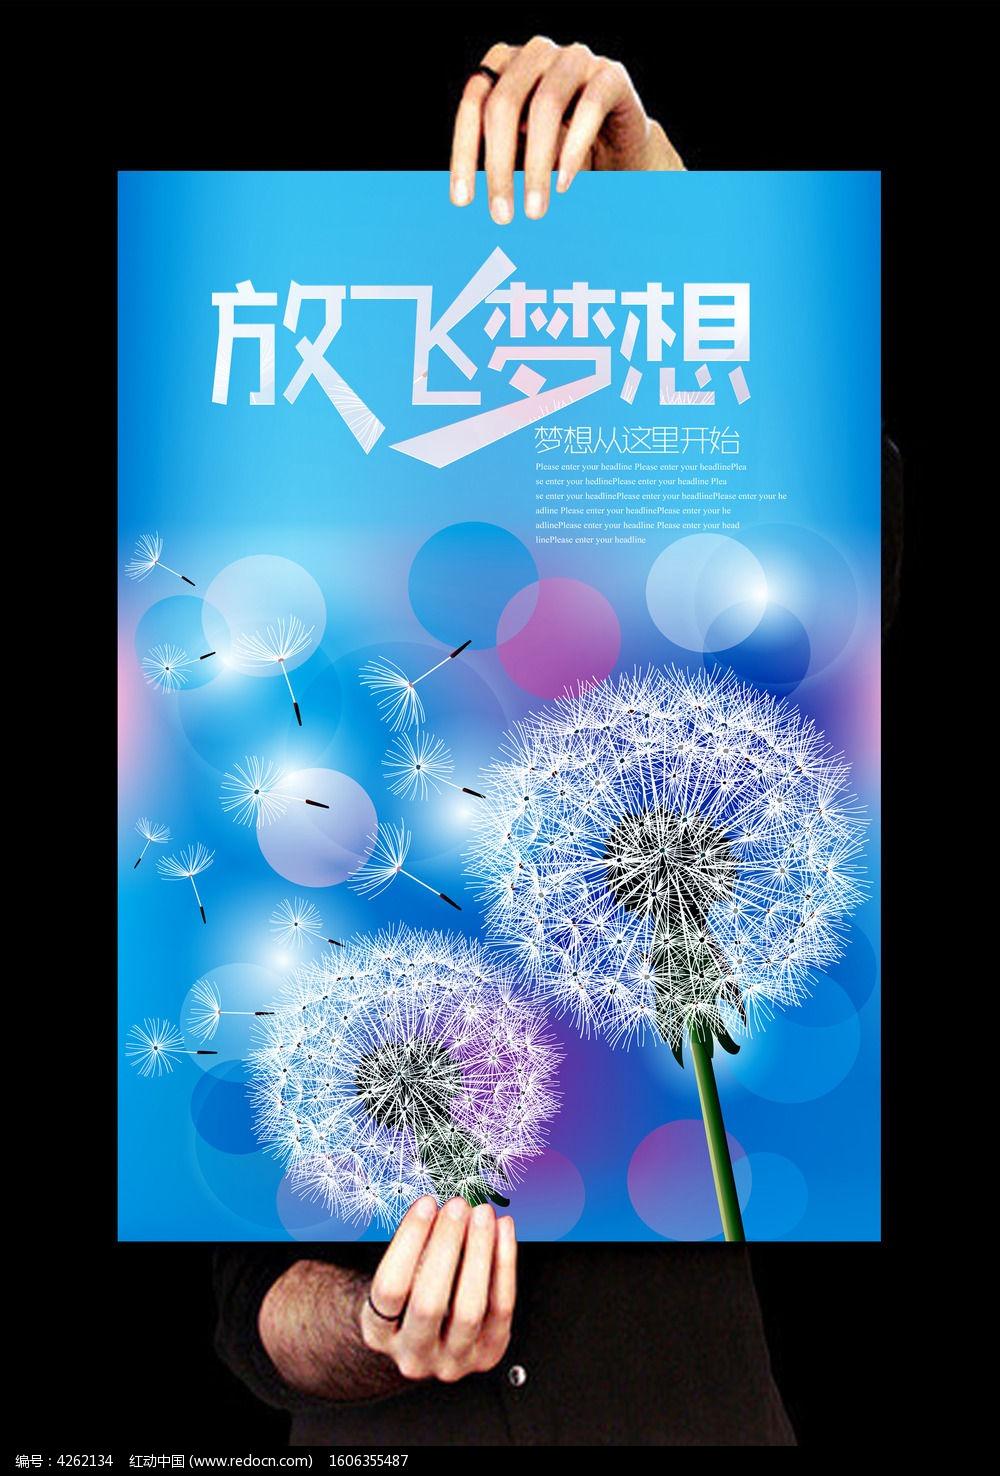 创意中国蓝放飞梦想海报设计